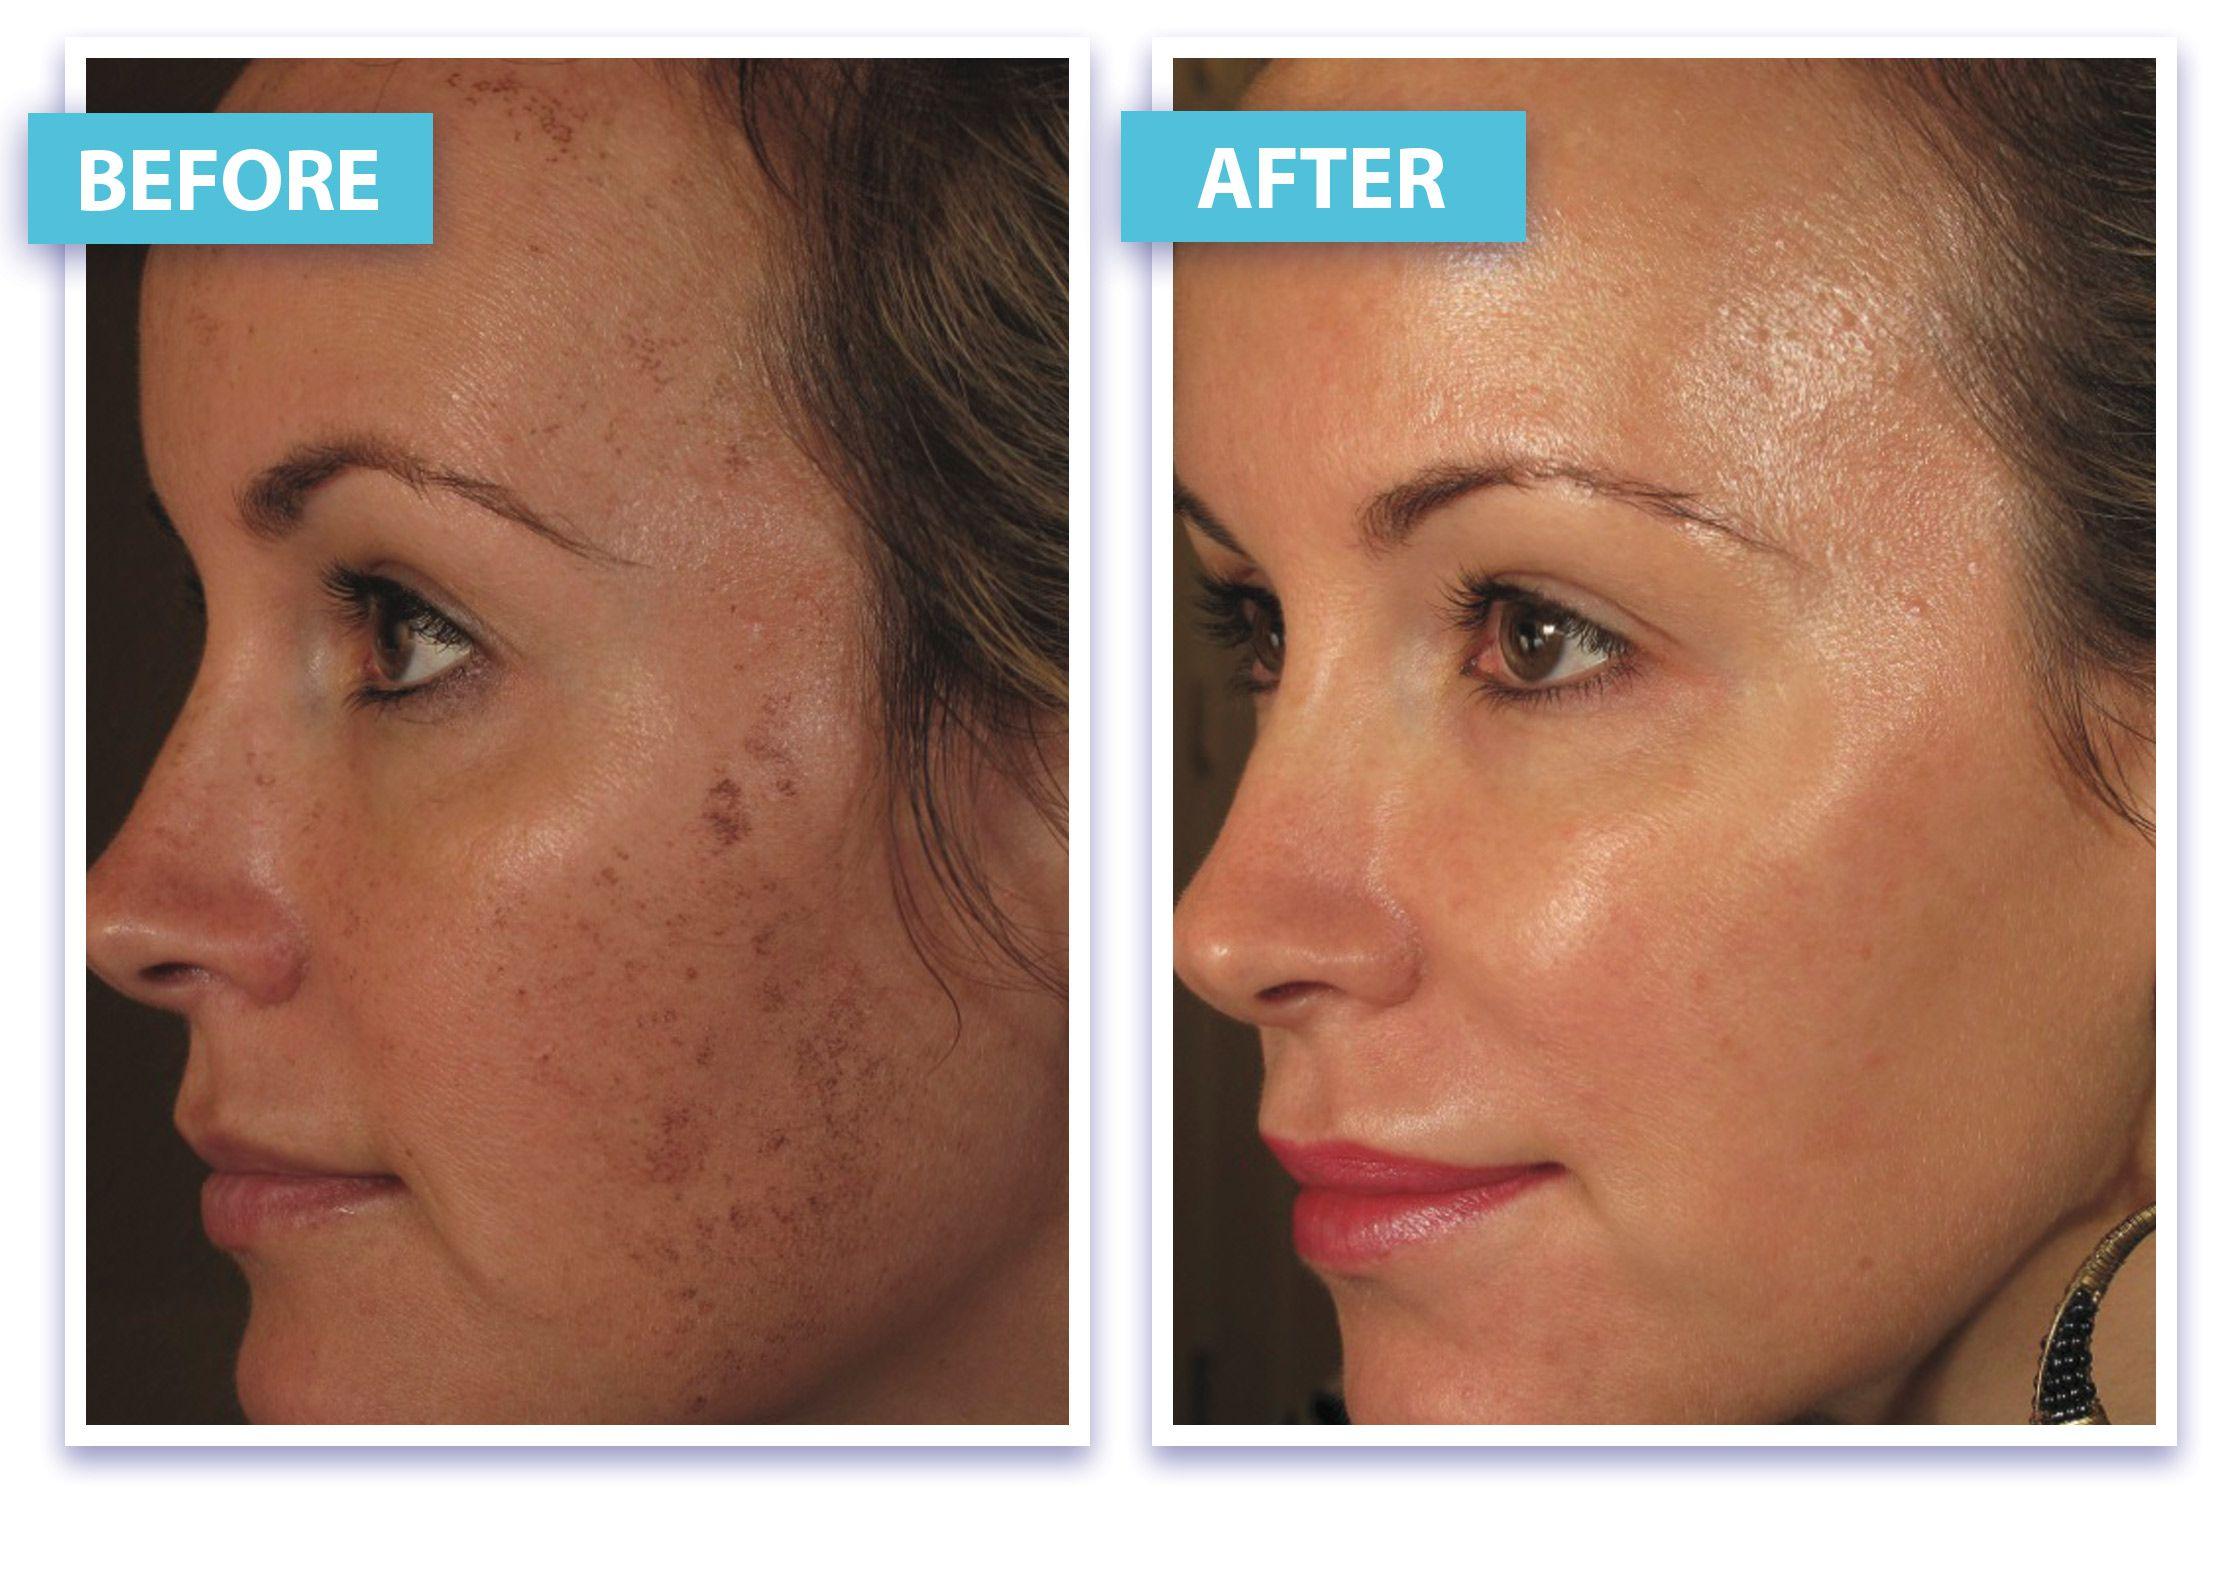 Before And After Laser Skin Rejuvenation Laser Skin Rejuvenation Natural Skin Tightening Laser Skin